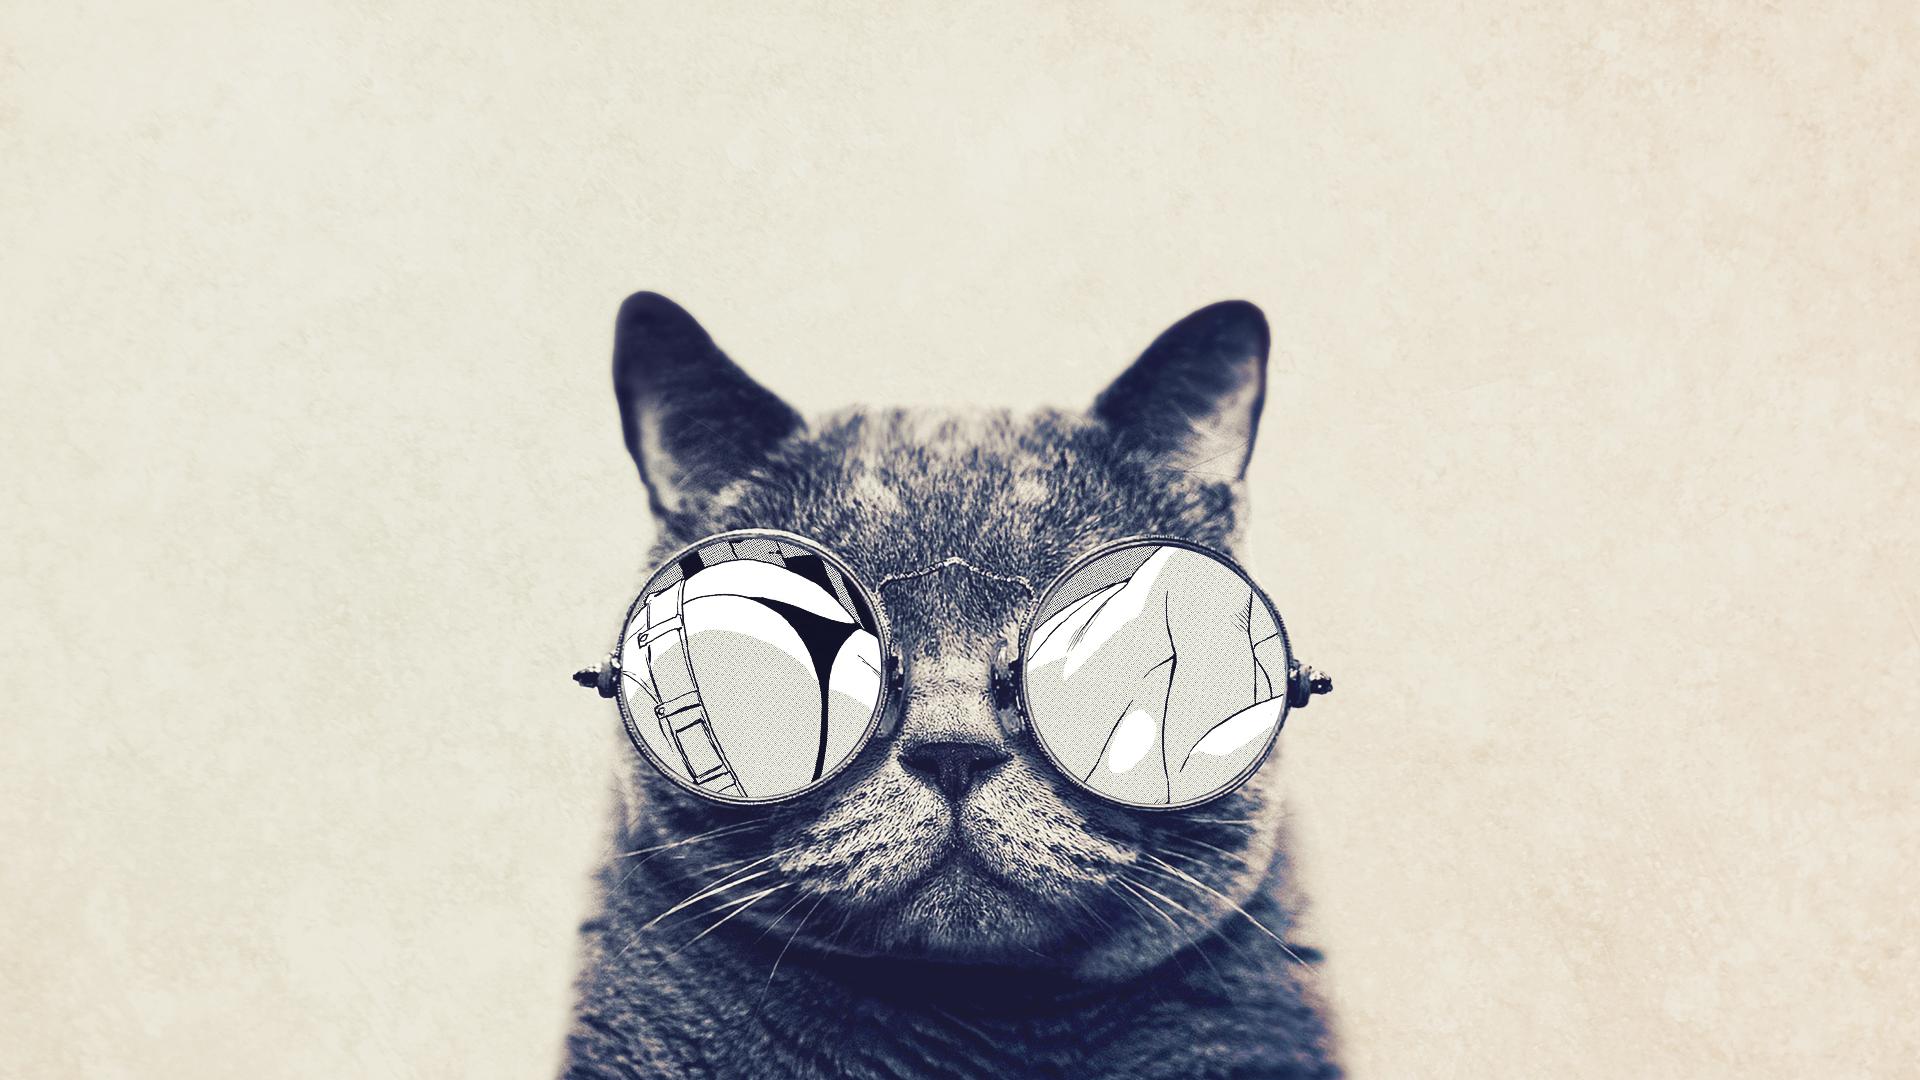 comment-les-chats-voient-le-monde-10-photos-vues-par-un-humain-vs-par-un-felin-1